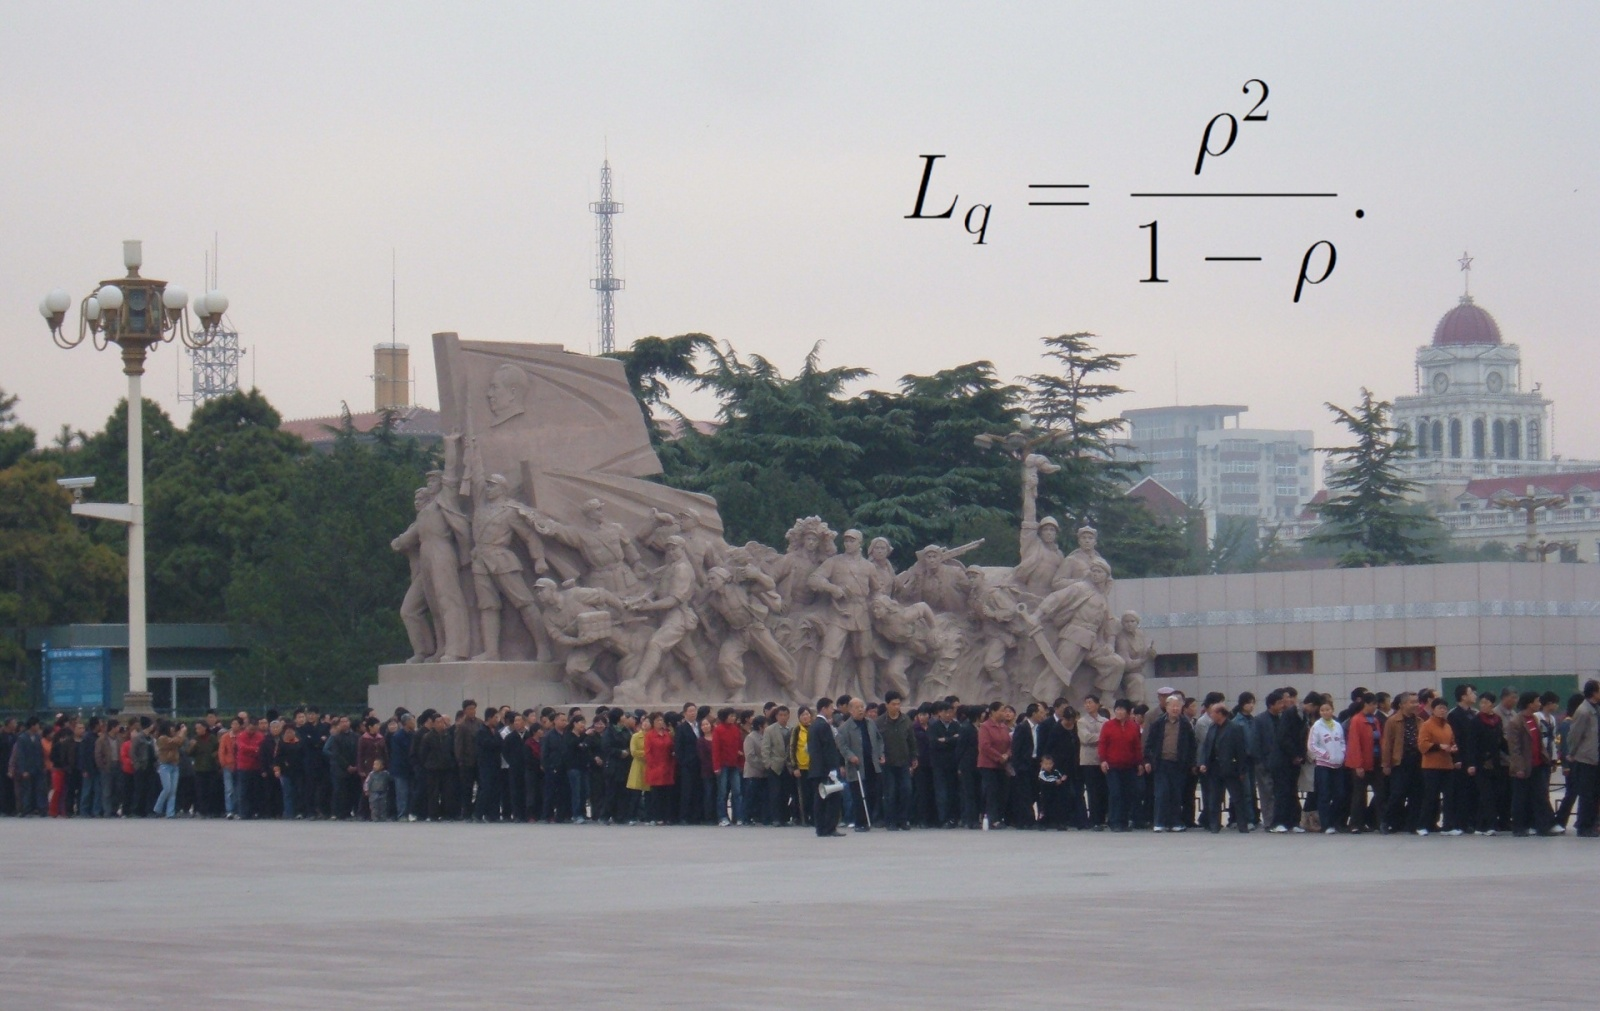 Фото очереди в мавзолей Мао Цзэдуна —  BrokenSphere / Wikimedia Commons